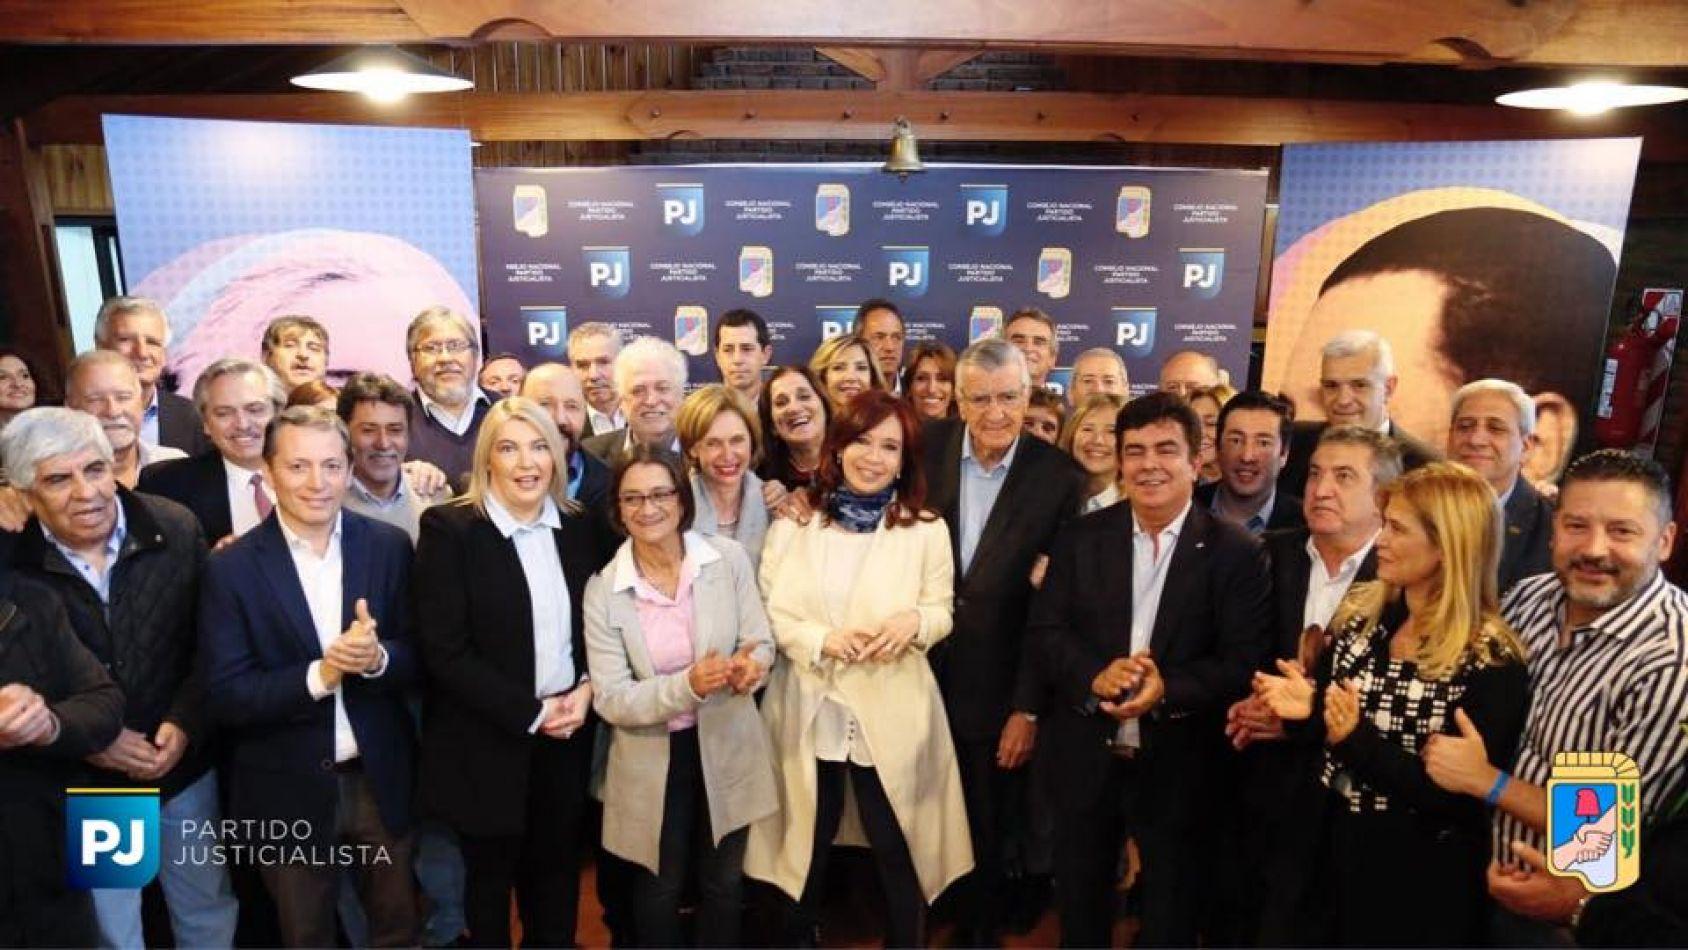 Cristina participó en la reunión del PJ en una fuerte señal electoral